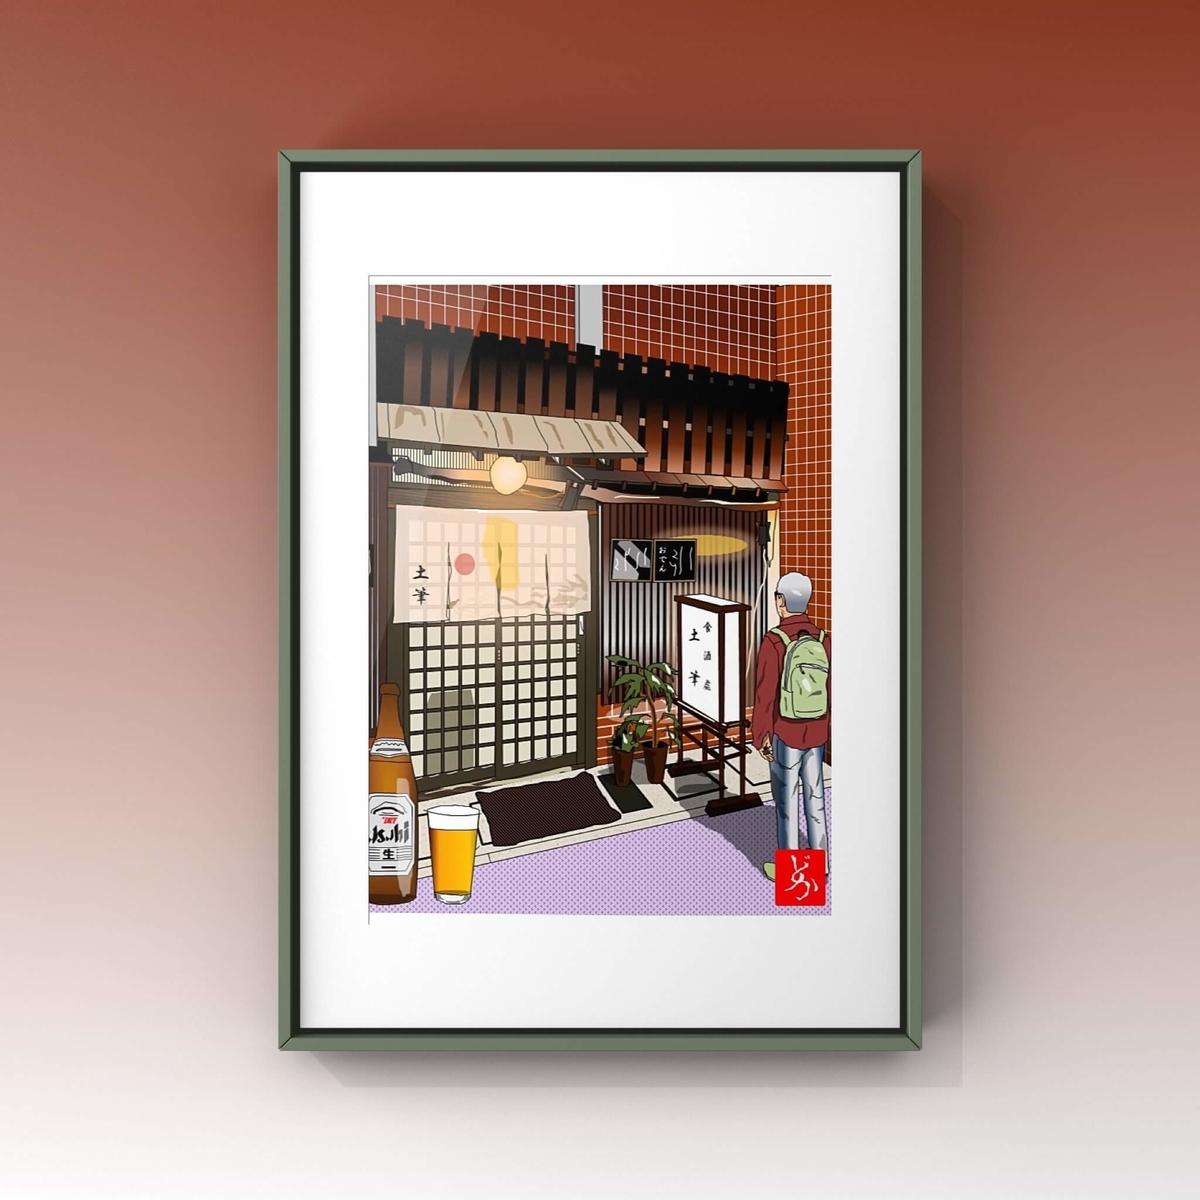 京都の小料理屋「土筆」のエクセル画イラスト額装版